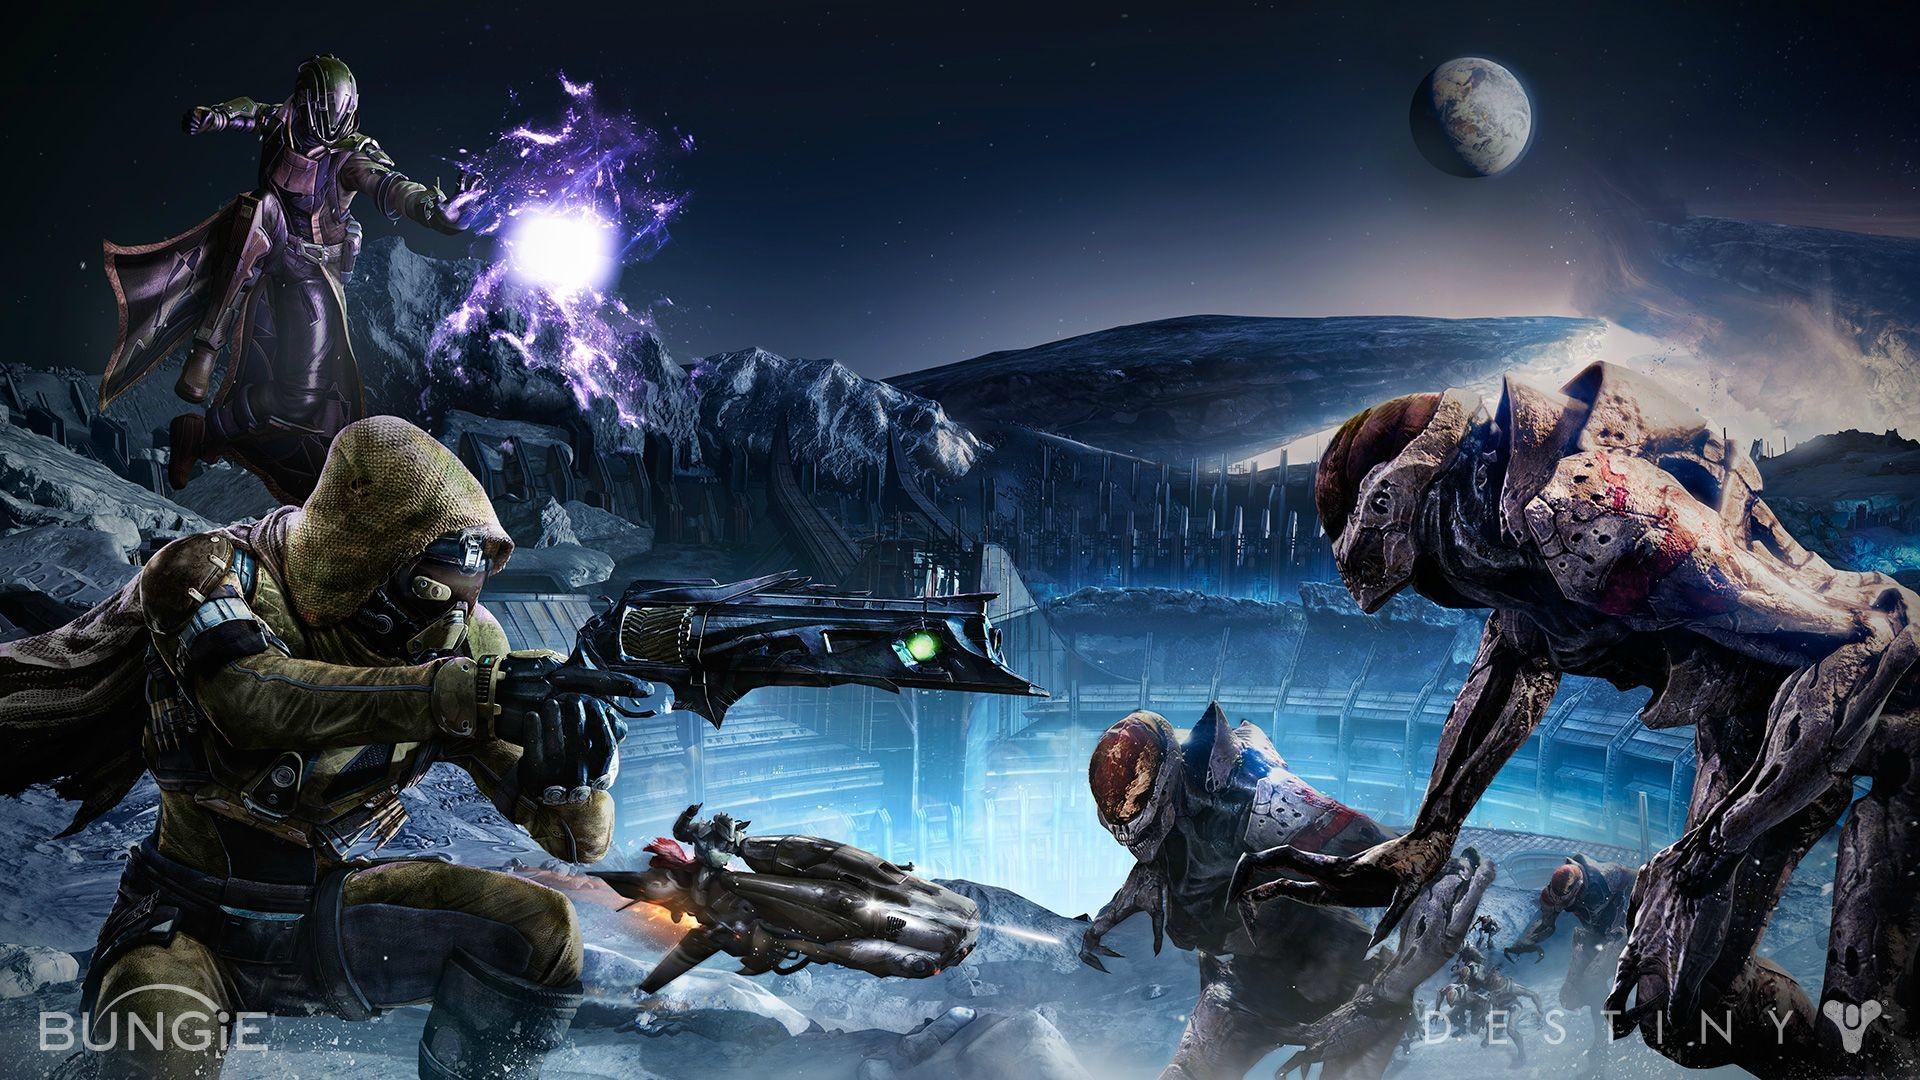 Games : Destiny In War Wallpaper Destiny Wallpaper .